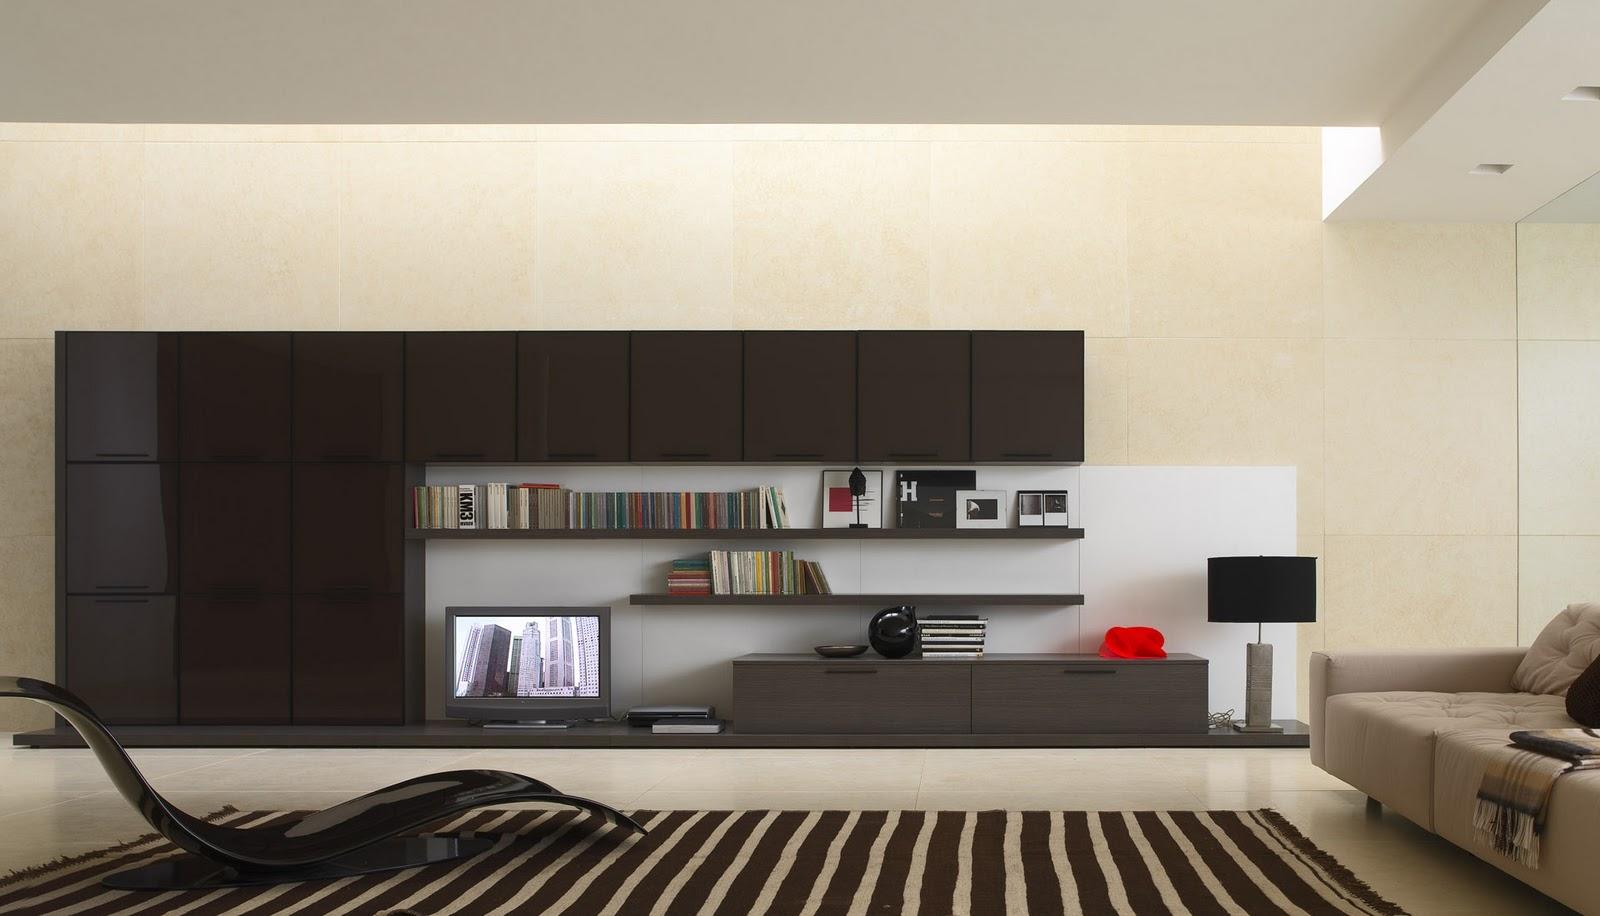 Muebles Para TV La Curacao Guatemala - imagenes de muebles de melamina para sala